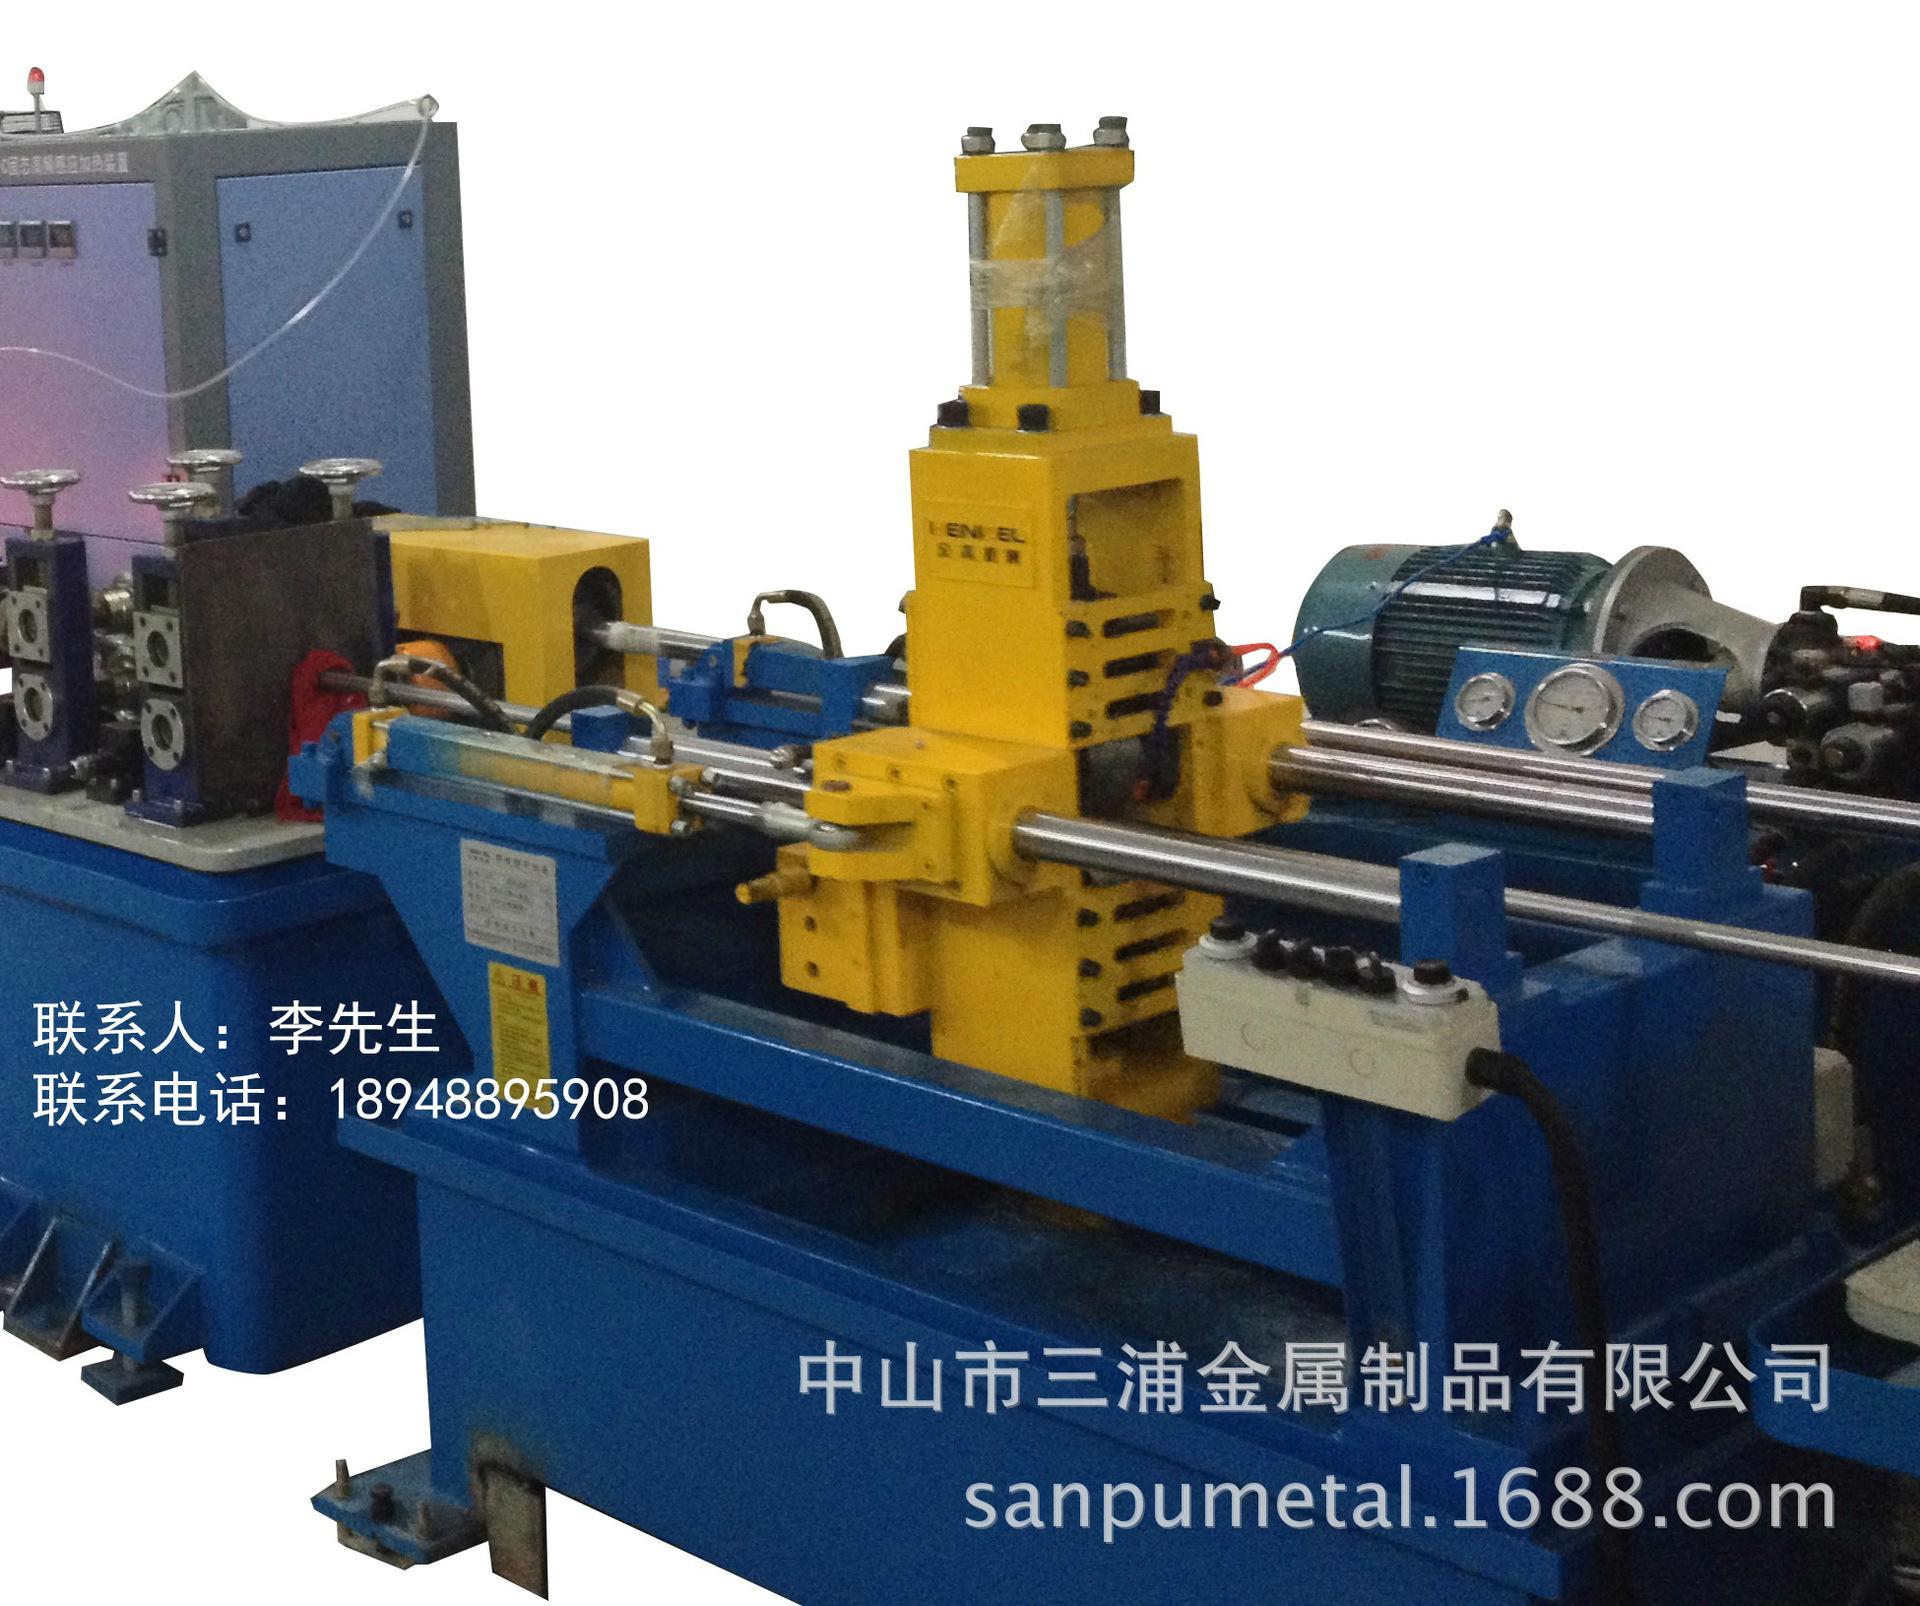 供應不鏽鋼焊管在線內整平機 值得信賴  中山三浦公司  2